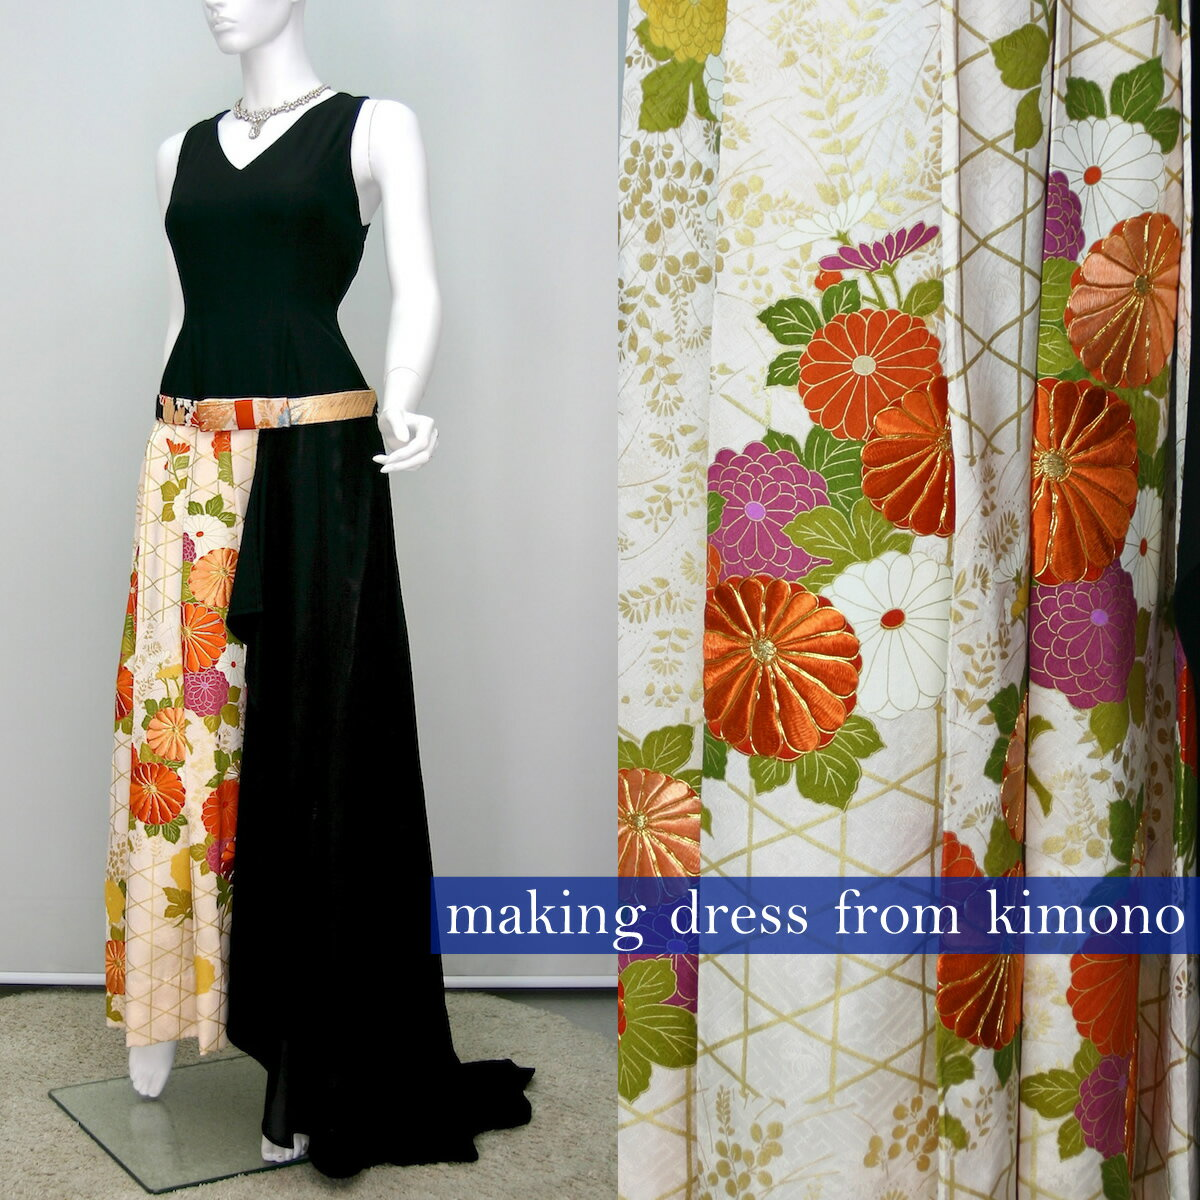 【送料無料】【日本製】新品の正絹振袖と黒の絽、帯...の商品画像